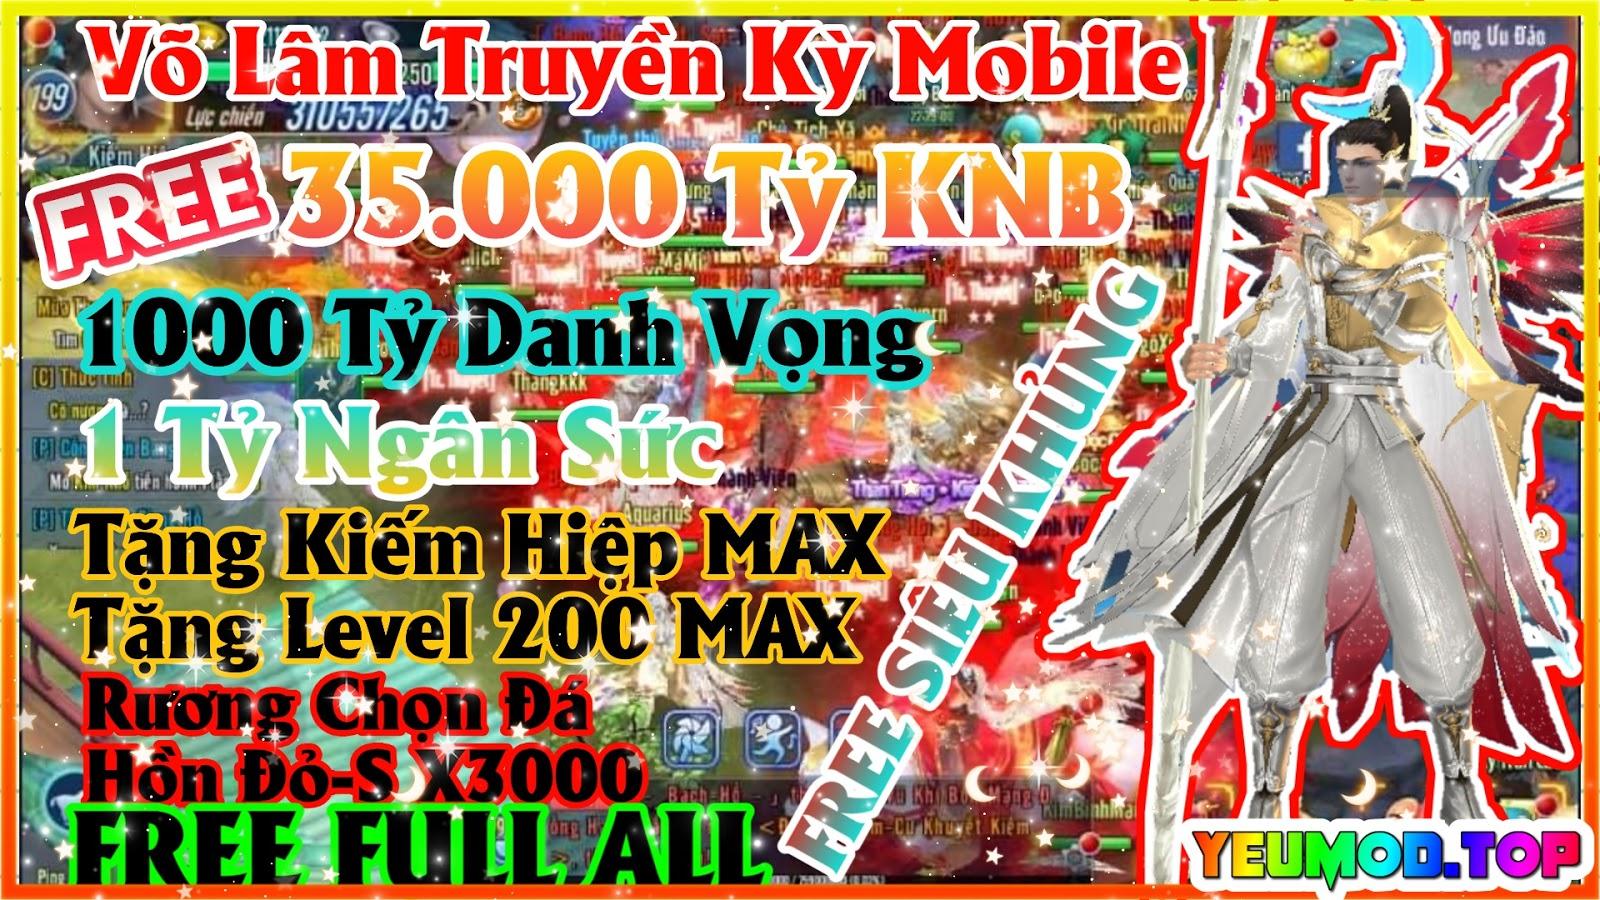 Võ Lâm Truyền Kỳ Mobile Private - JXM Sinh Viên | Free 35.000 Tỷ KNB | 1000 Tỷ Danh Vọng | 1000 Tỷ Ngân Sức | Free Full All | Free Siêu Khủng Khiếp